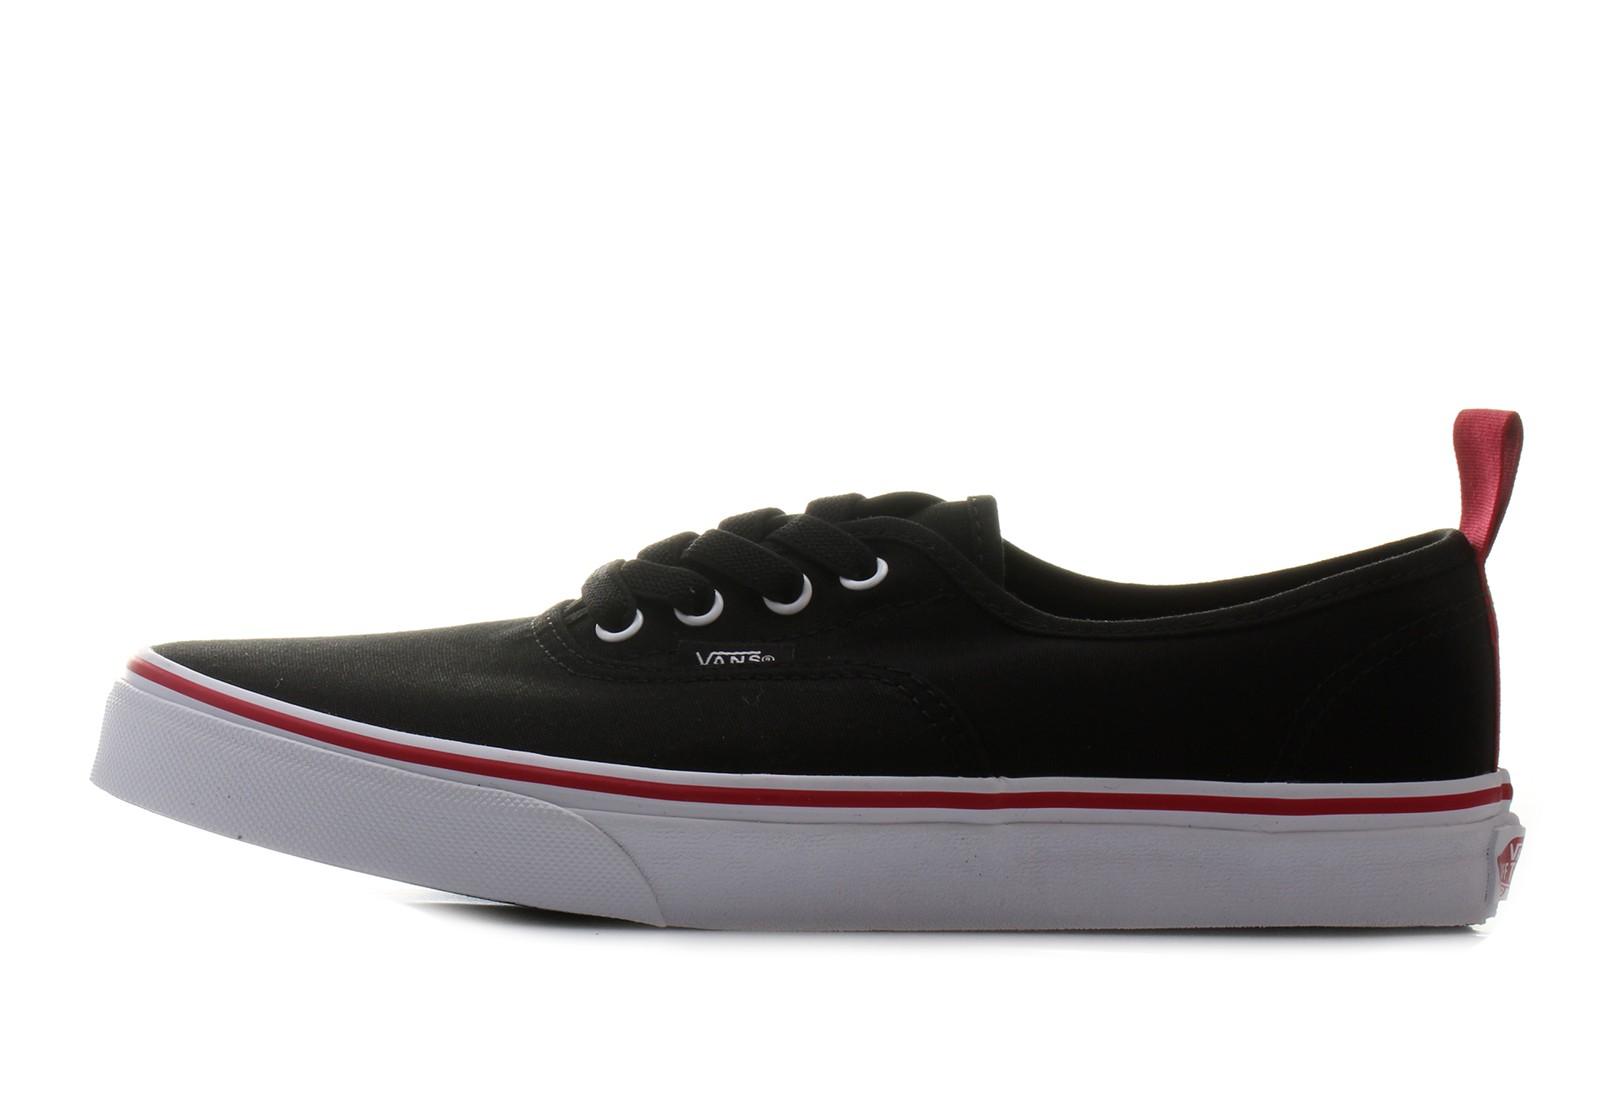 72af83e705f Vans Sneakers - Authentic Elastic Lace - VA38H4ORC - Online shop for ...